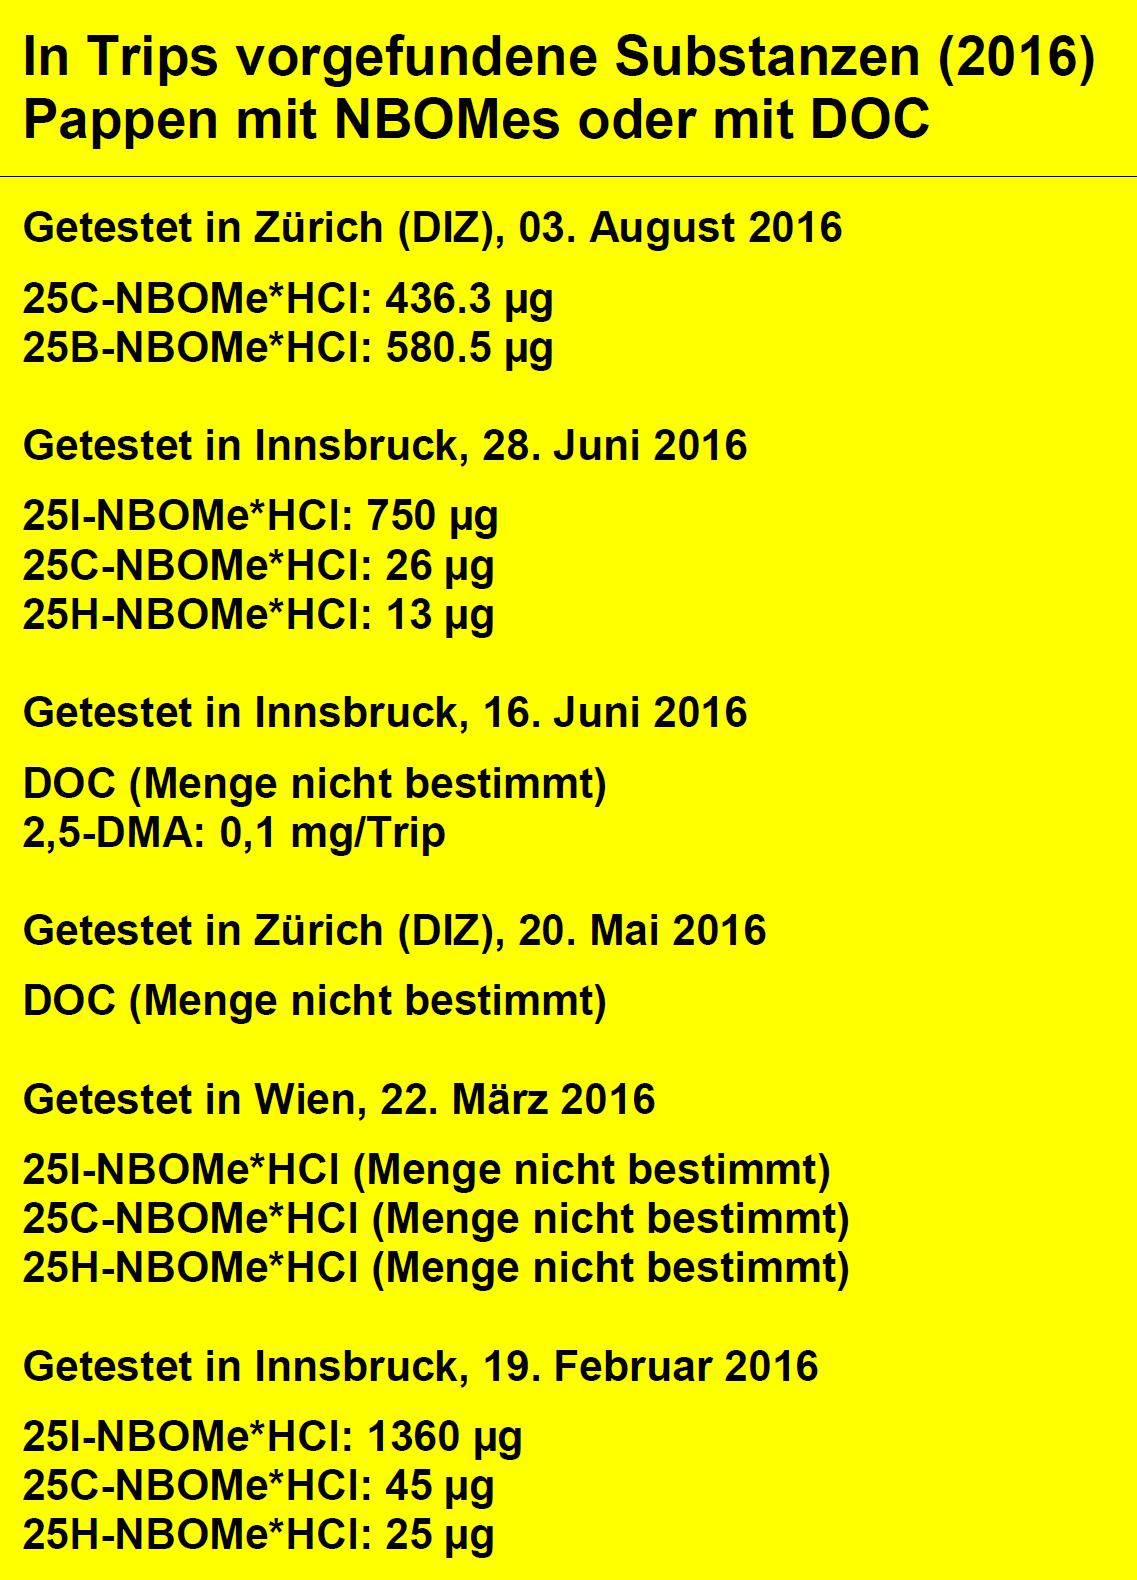 Abbildung 1 zeigt die Substanzen, die auf Papiertrips im Jahr 2016 vorgefunden wurden, die kein LSD enthielten. Datenquelle: Warnungen von Safer Party in Zürich.